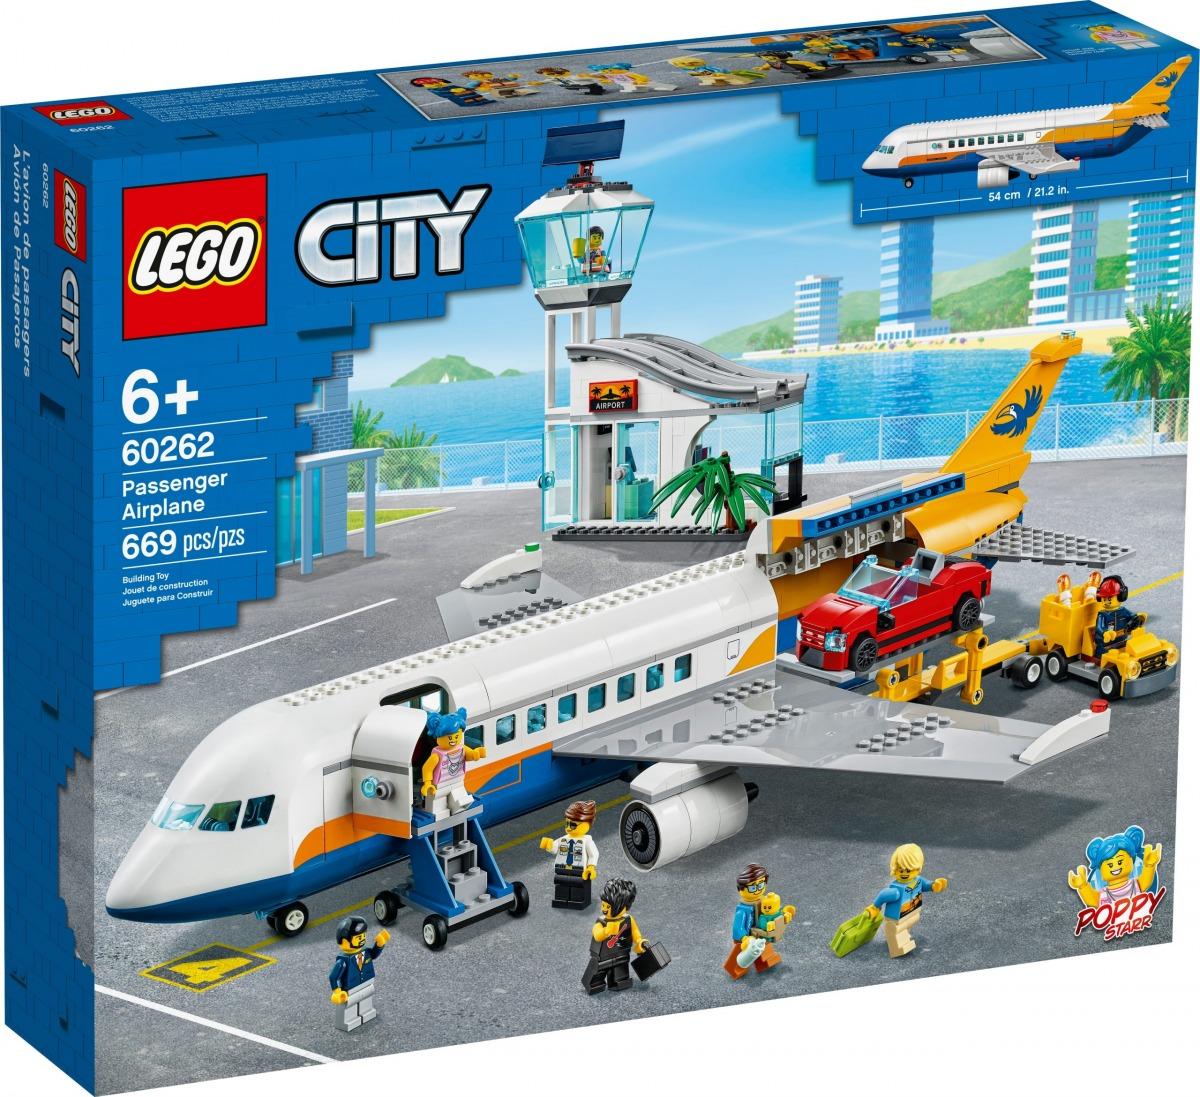 lego 60262 passenger airplane scaled